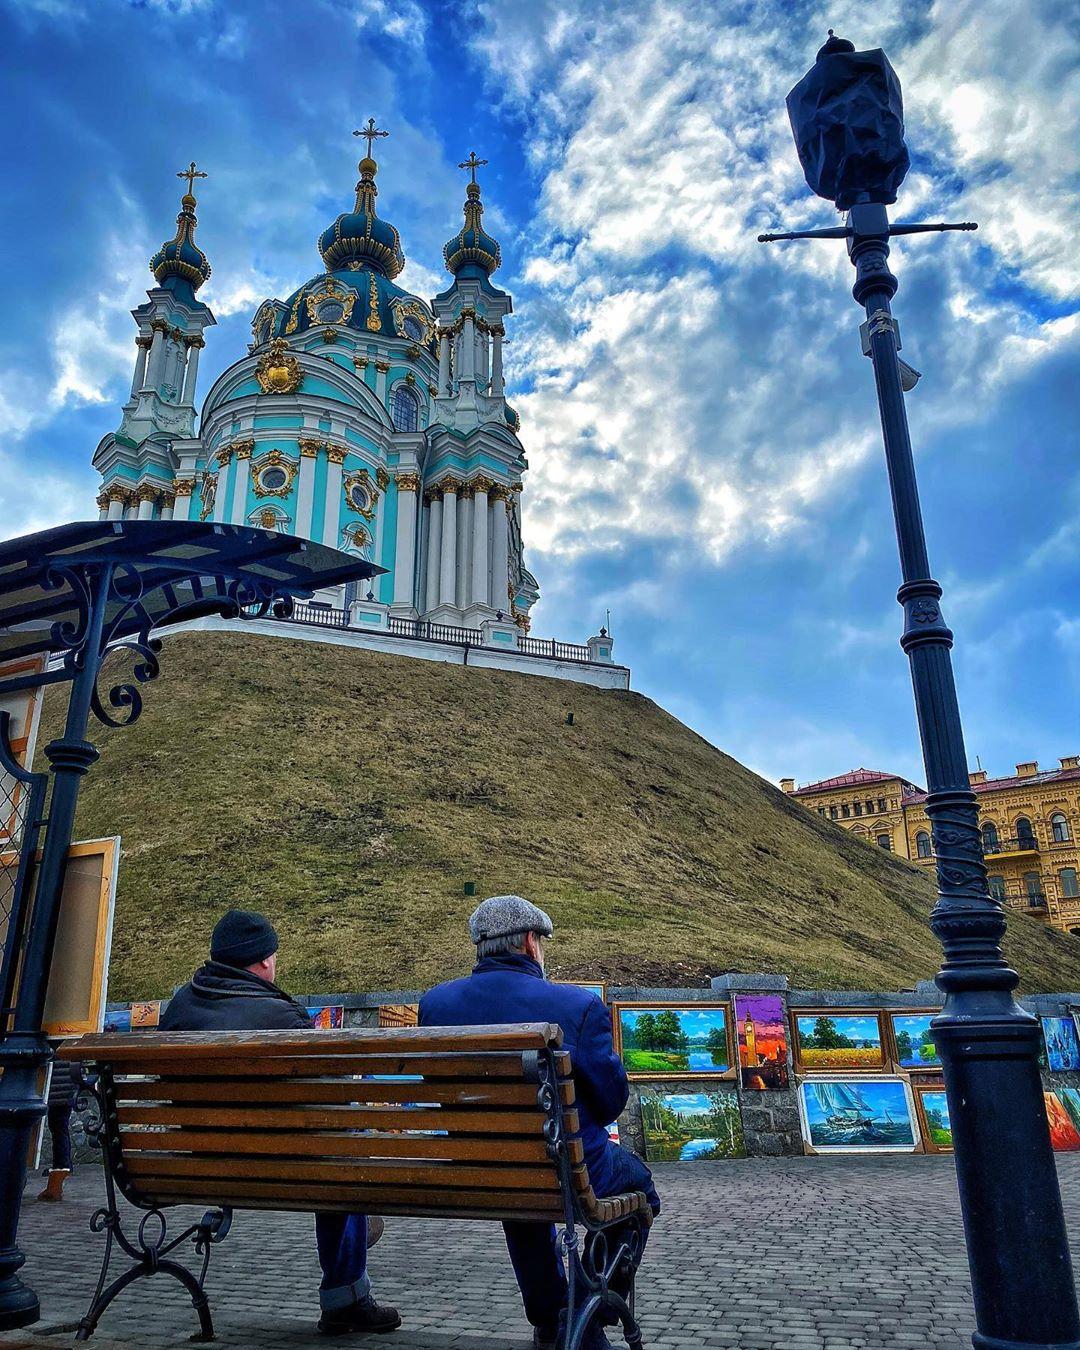 Андреевская церковь выглядит величественно и прекрасно. Особенно на таком фактурном фоне как у @erichuangch